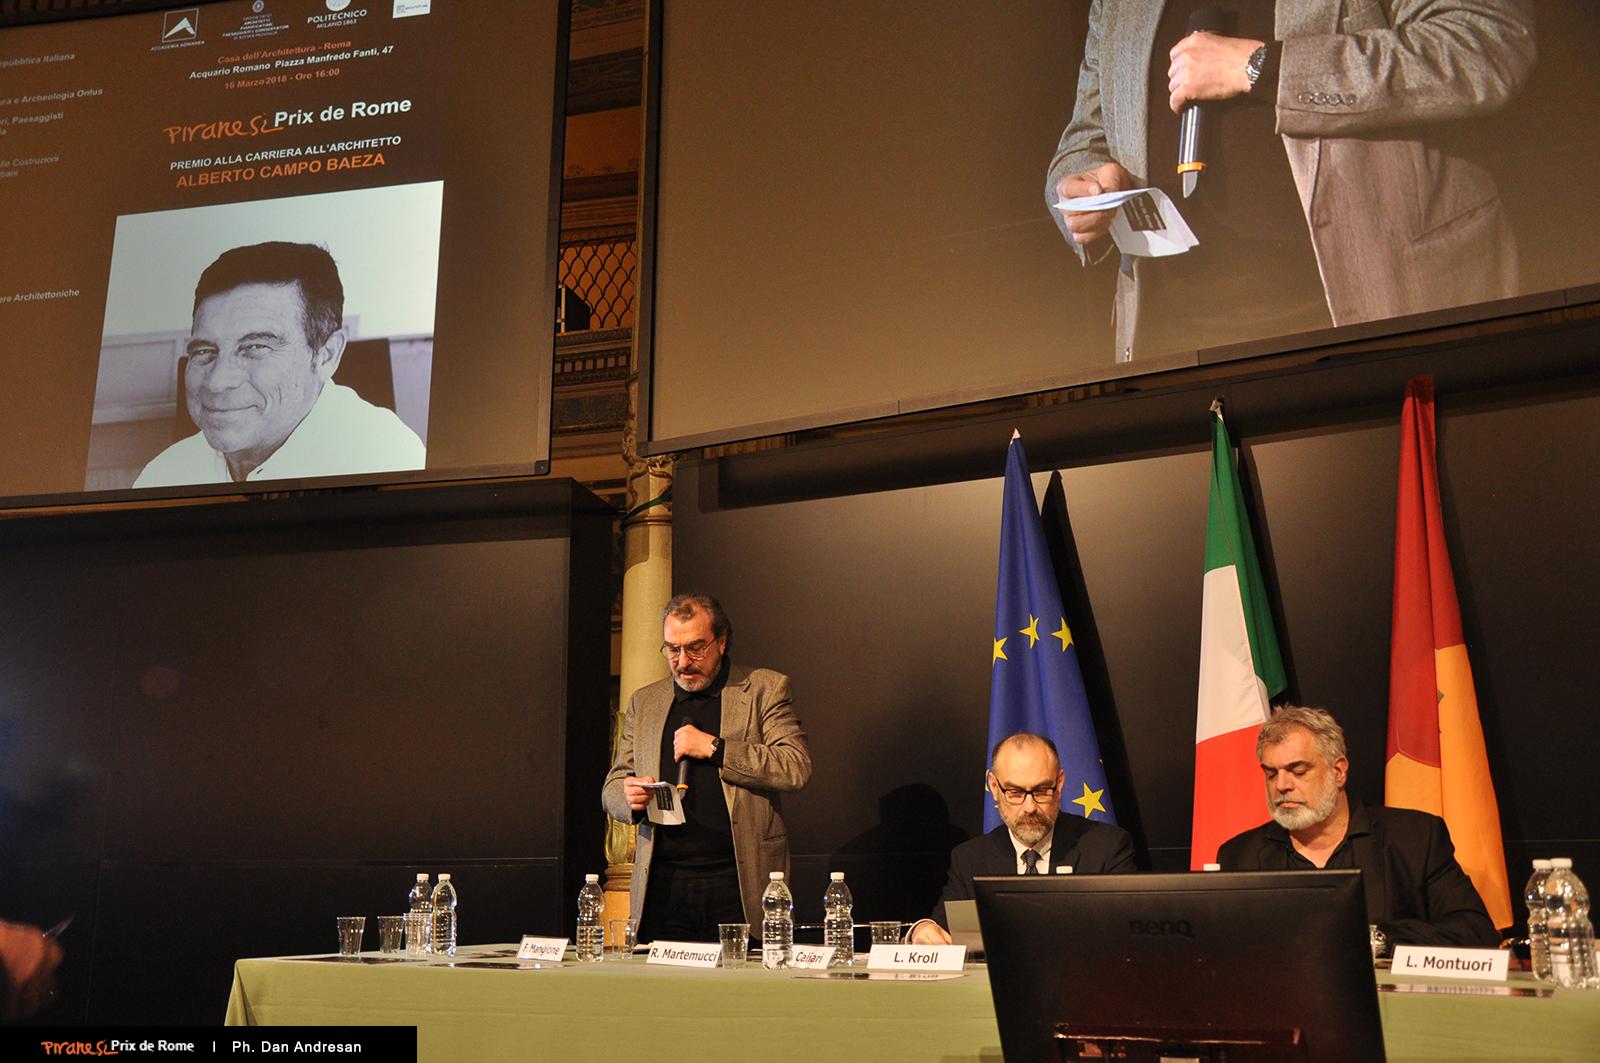 Intervento di Romolo Martemucci. Alla sua destra, Flavio Mangione e P.F. Caliari